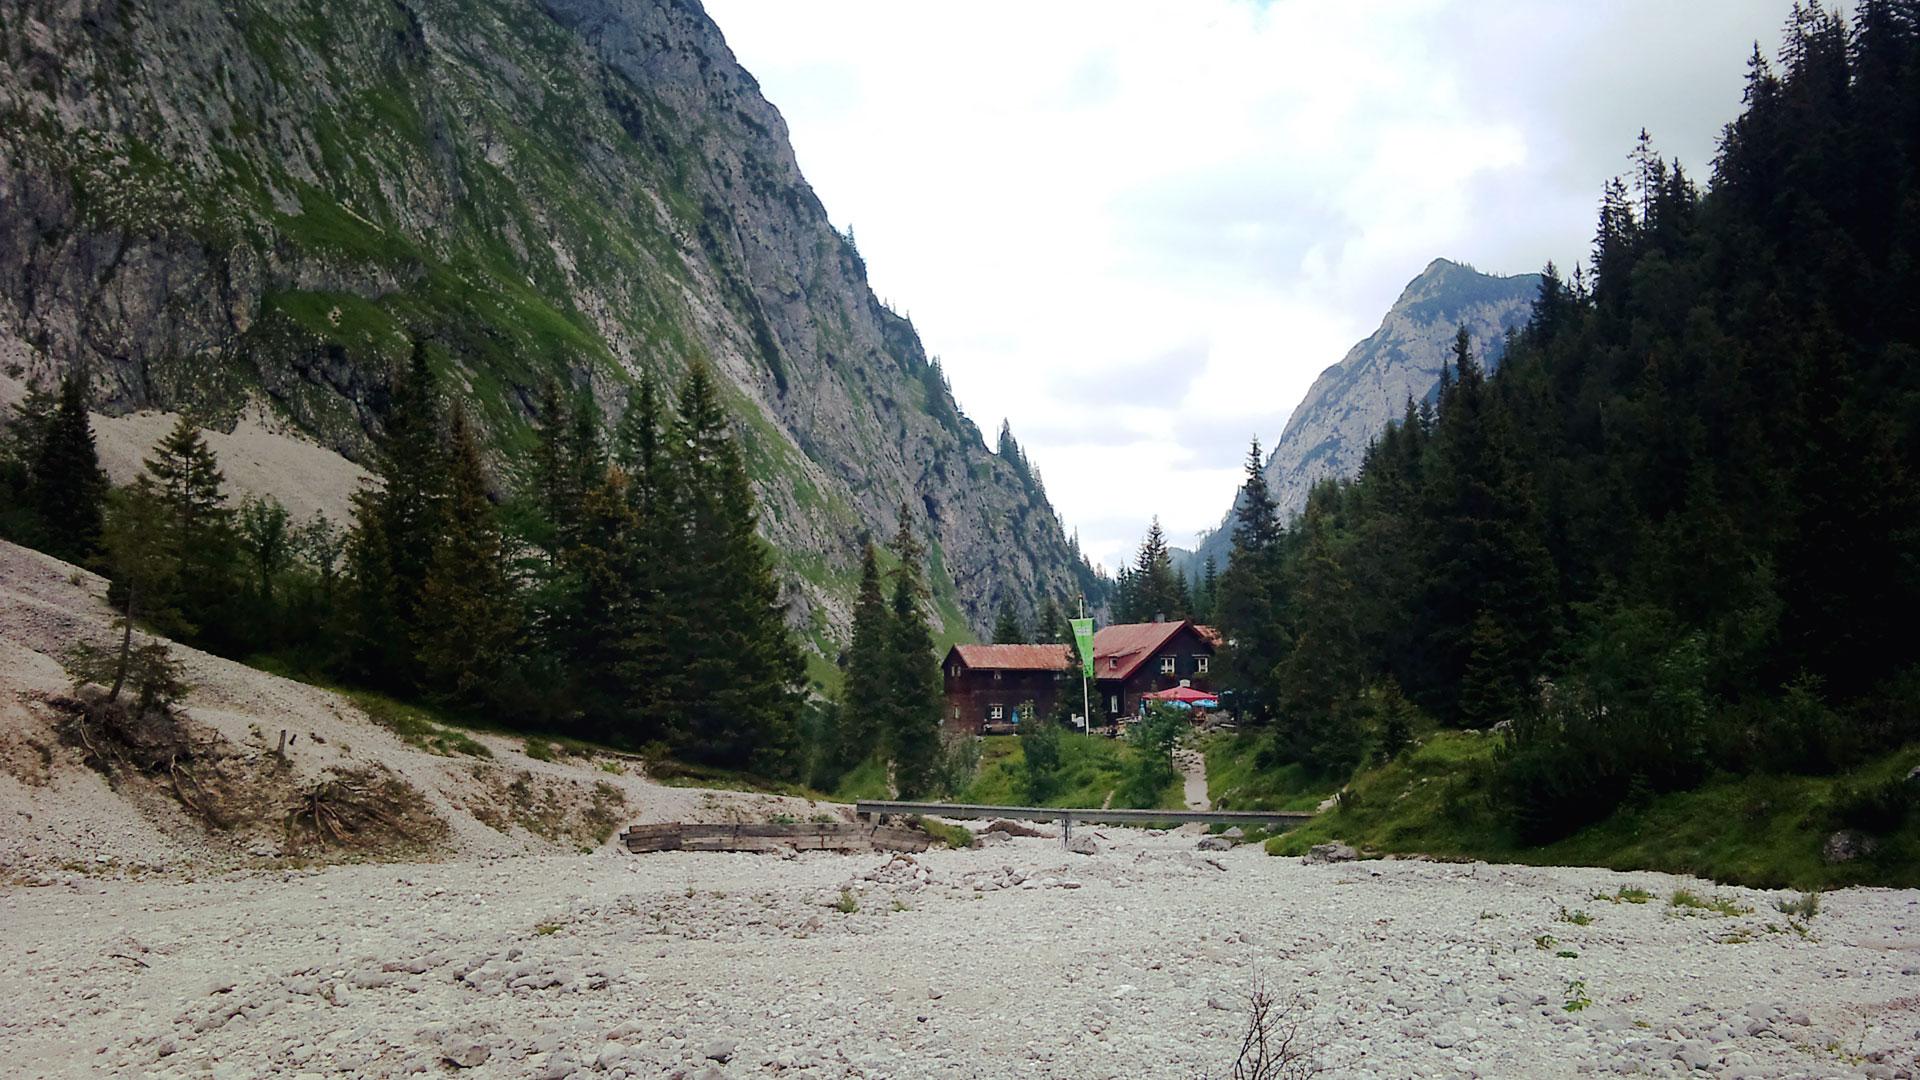 Idylisch liegt die Höllentalangerhütte auf knapp 1400m inmitten des Talkessels. Aber voll wars. Sehr voll.